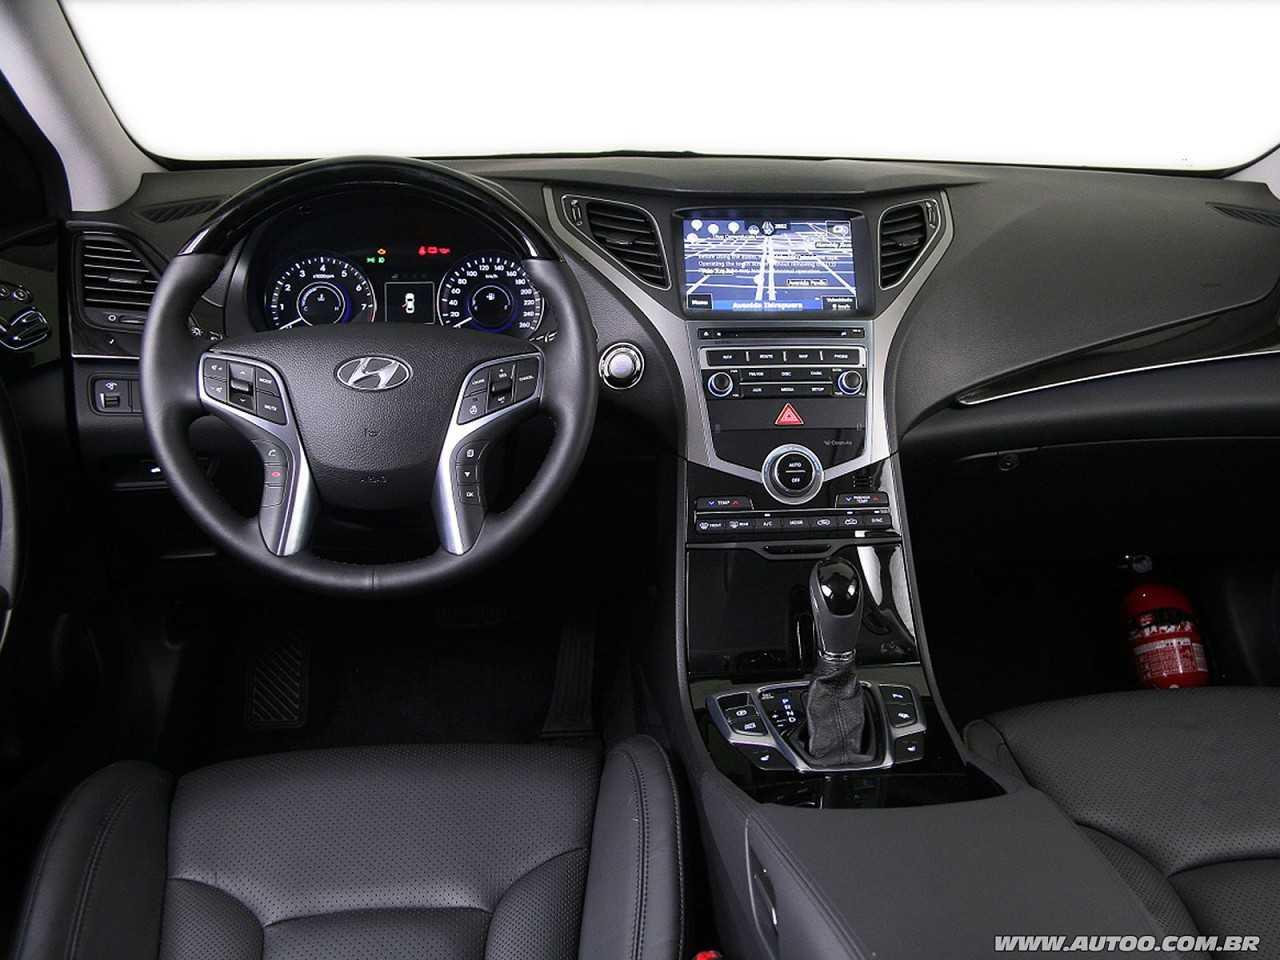 HyundaiAzera 2015 - painel